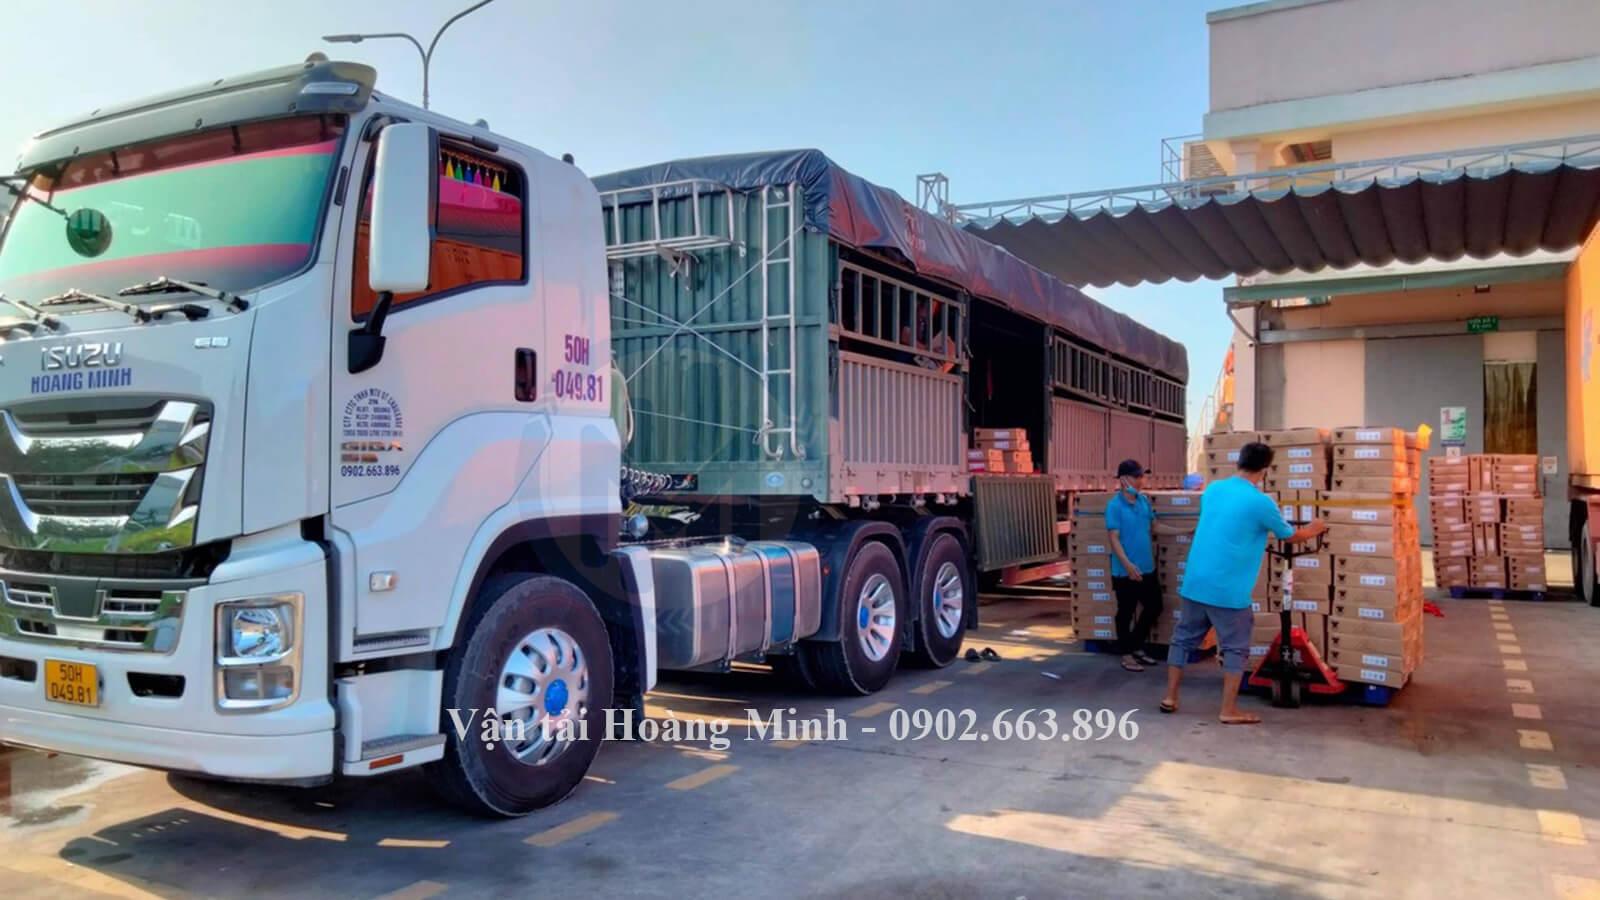 Lợi ích bạn sẽ nhận được khi lựa chọn thuê xe tải